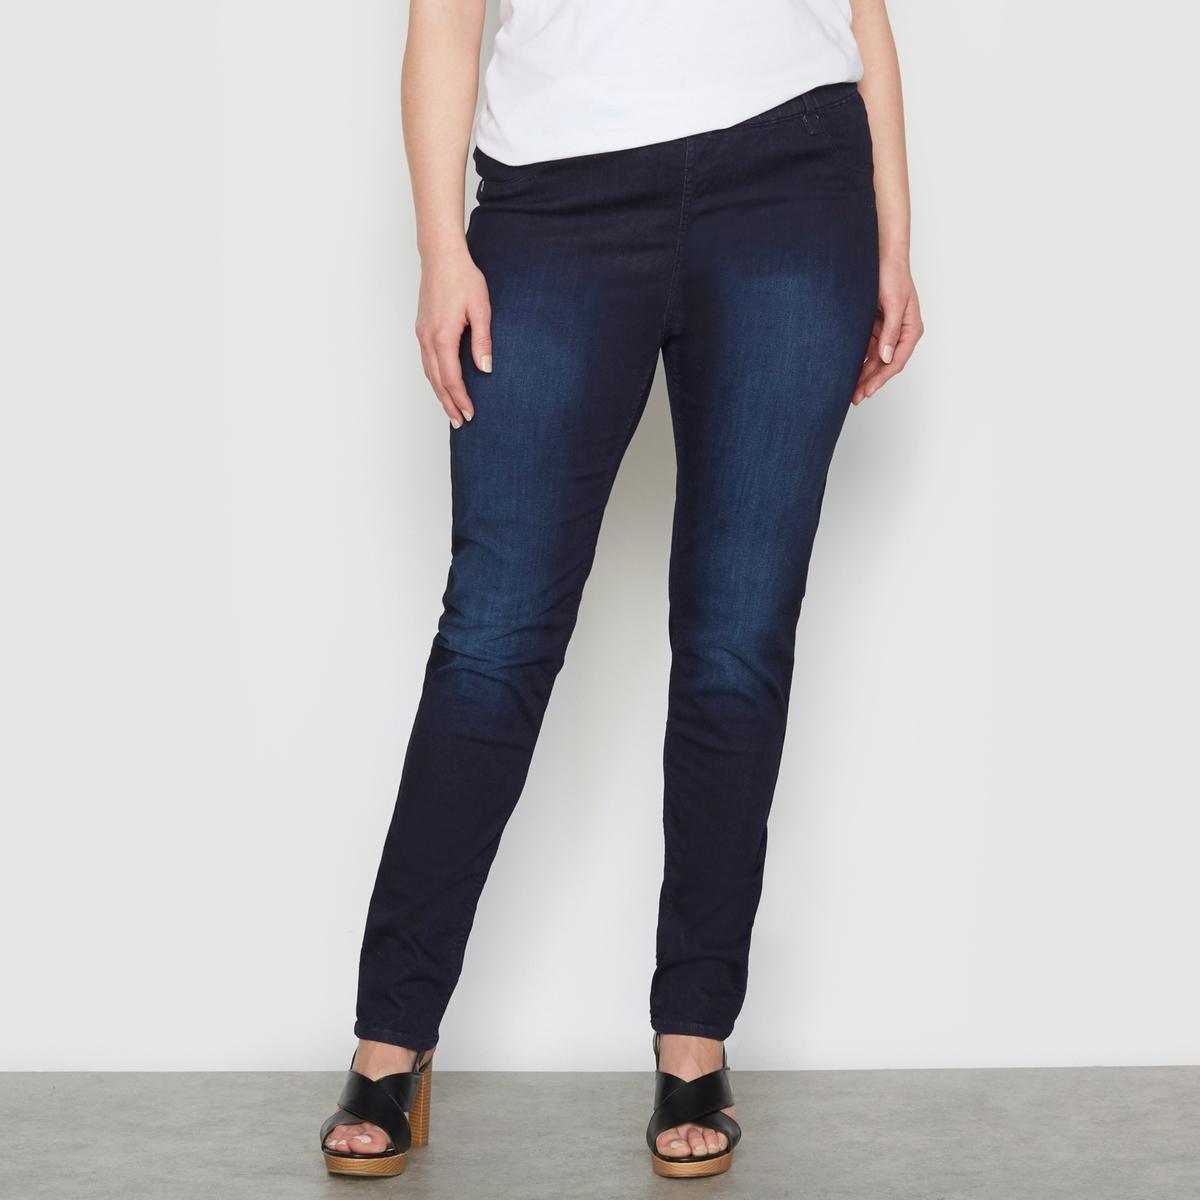 Джеггинсы из денимаДжеггинсы из денима. Незаменимая вещь в любом гардеробе ! Невероятно удобные в носке благодаря эластичному поясу. Ложные карманы спереди и накладные карманы сзади. 98% хлопка, 2% эластана. Длина по внутр.шву 78 см, ширина по низу 14 см.<br><br>Цвет: серый потертый деним<br>Размер: 56 (FR) - 62 (RUS).48 (FR) - 54 (RUS).58 (FR) - 64 (RUS).60 (FR) - 66 (RUS).44 (FR) - 50 (RUS).42 (FR) - 48 (RUS).50 (FR) - 56 (RUS).62 (FR) - 68 (RUS)